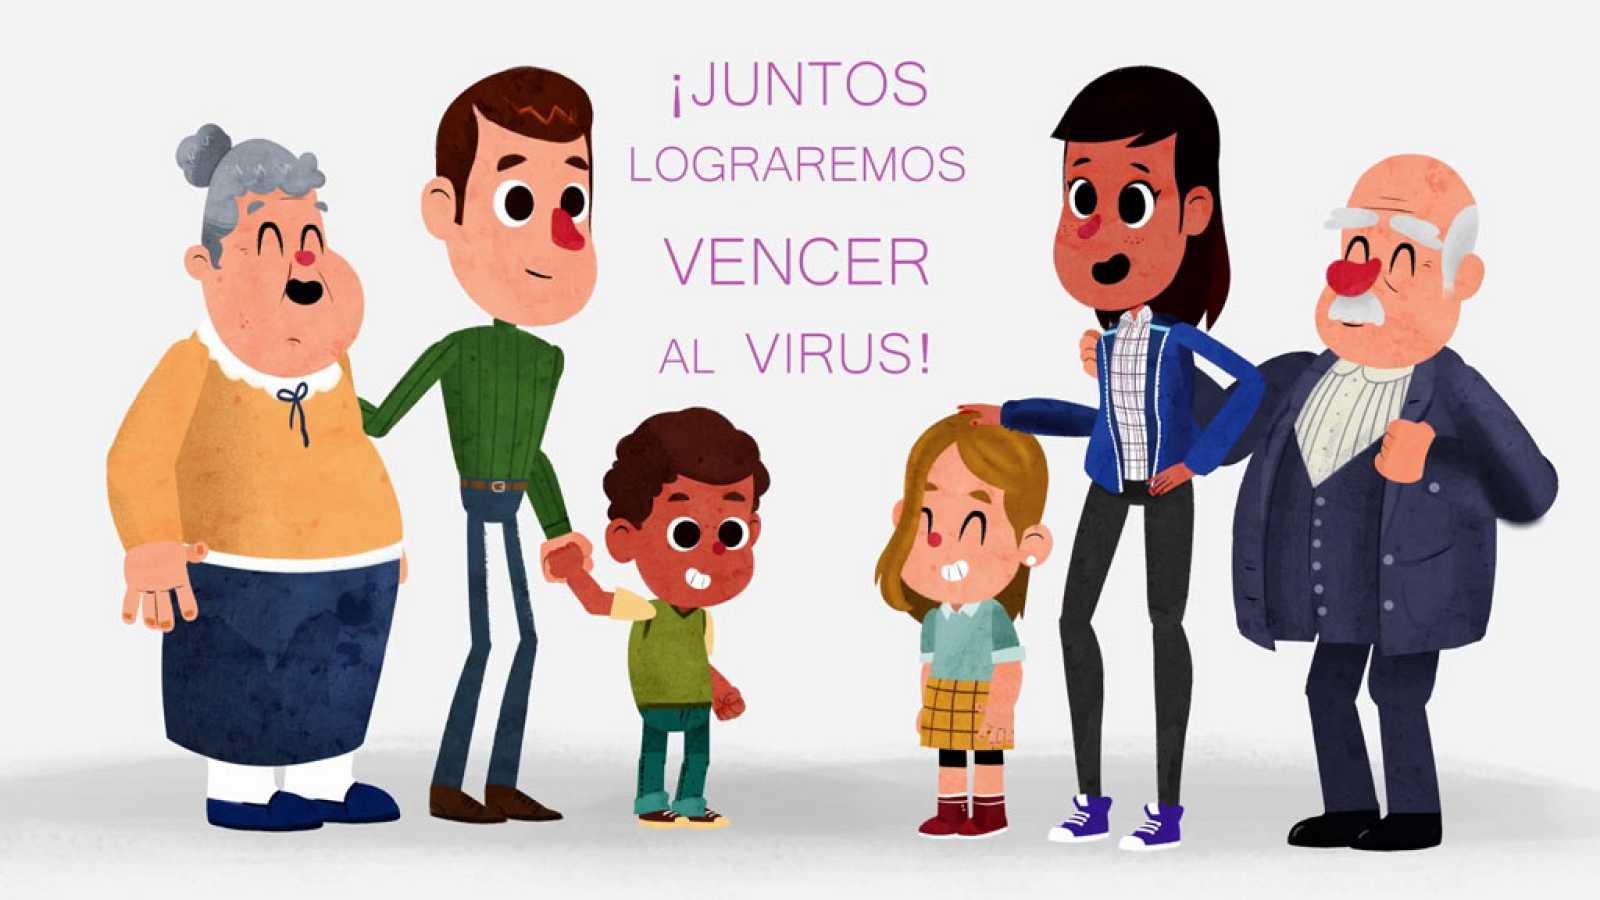 videos de como cuidar la salud para niños